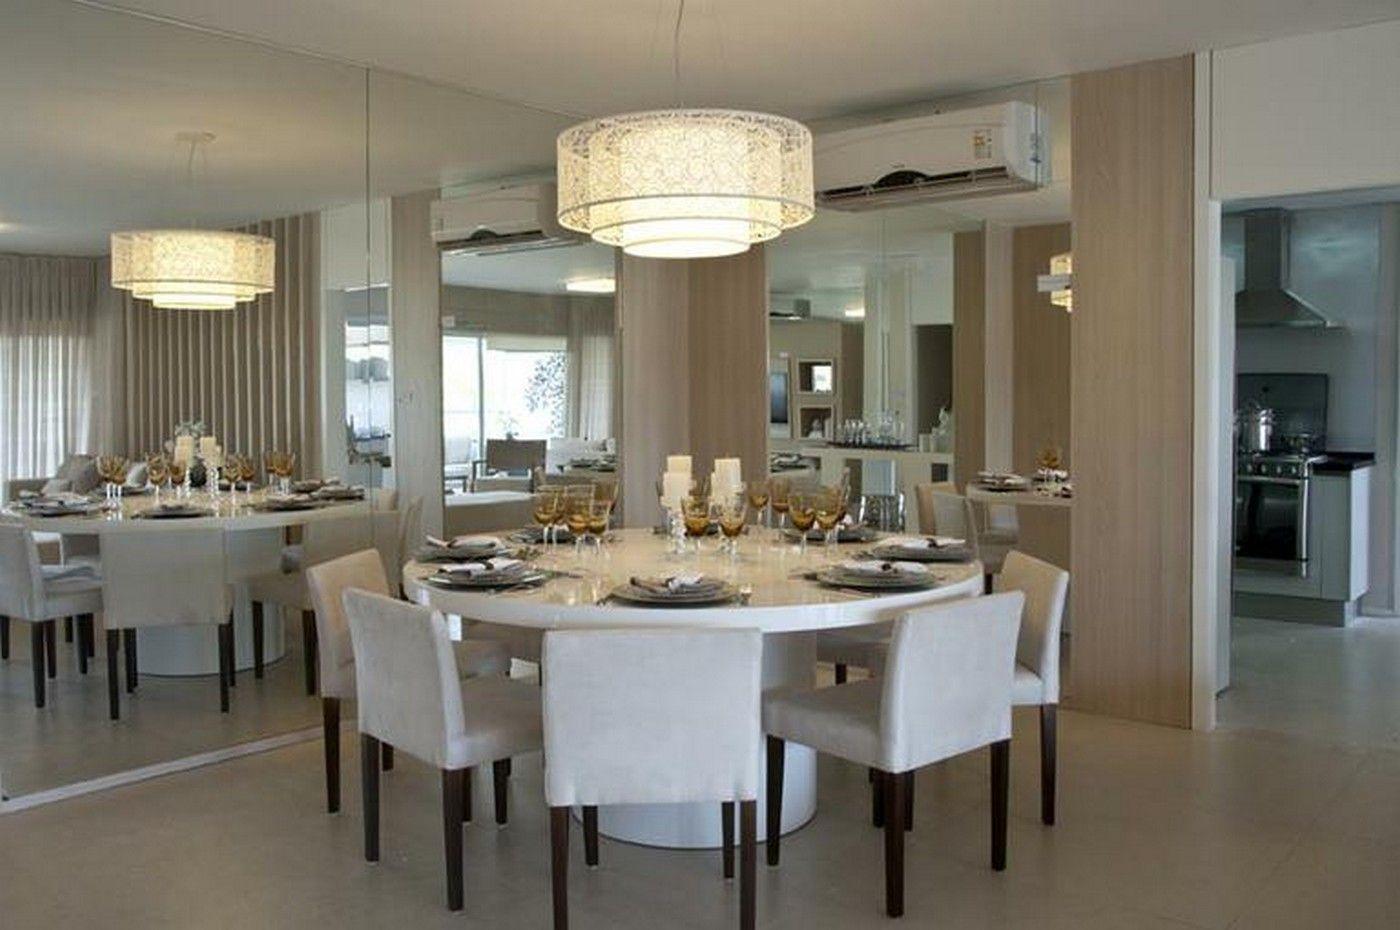 Sala de jantar com mesa redonda e espelhos   Inspiração para minha ...